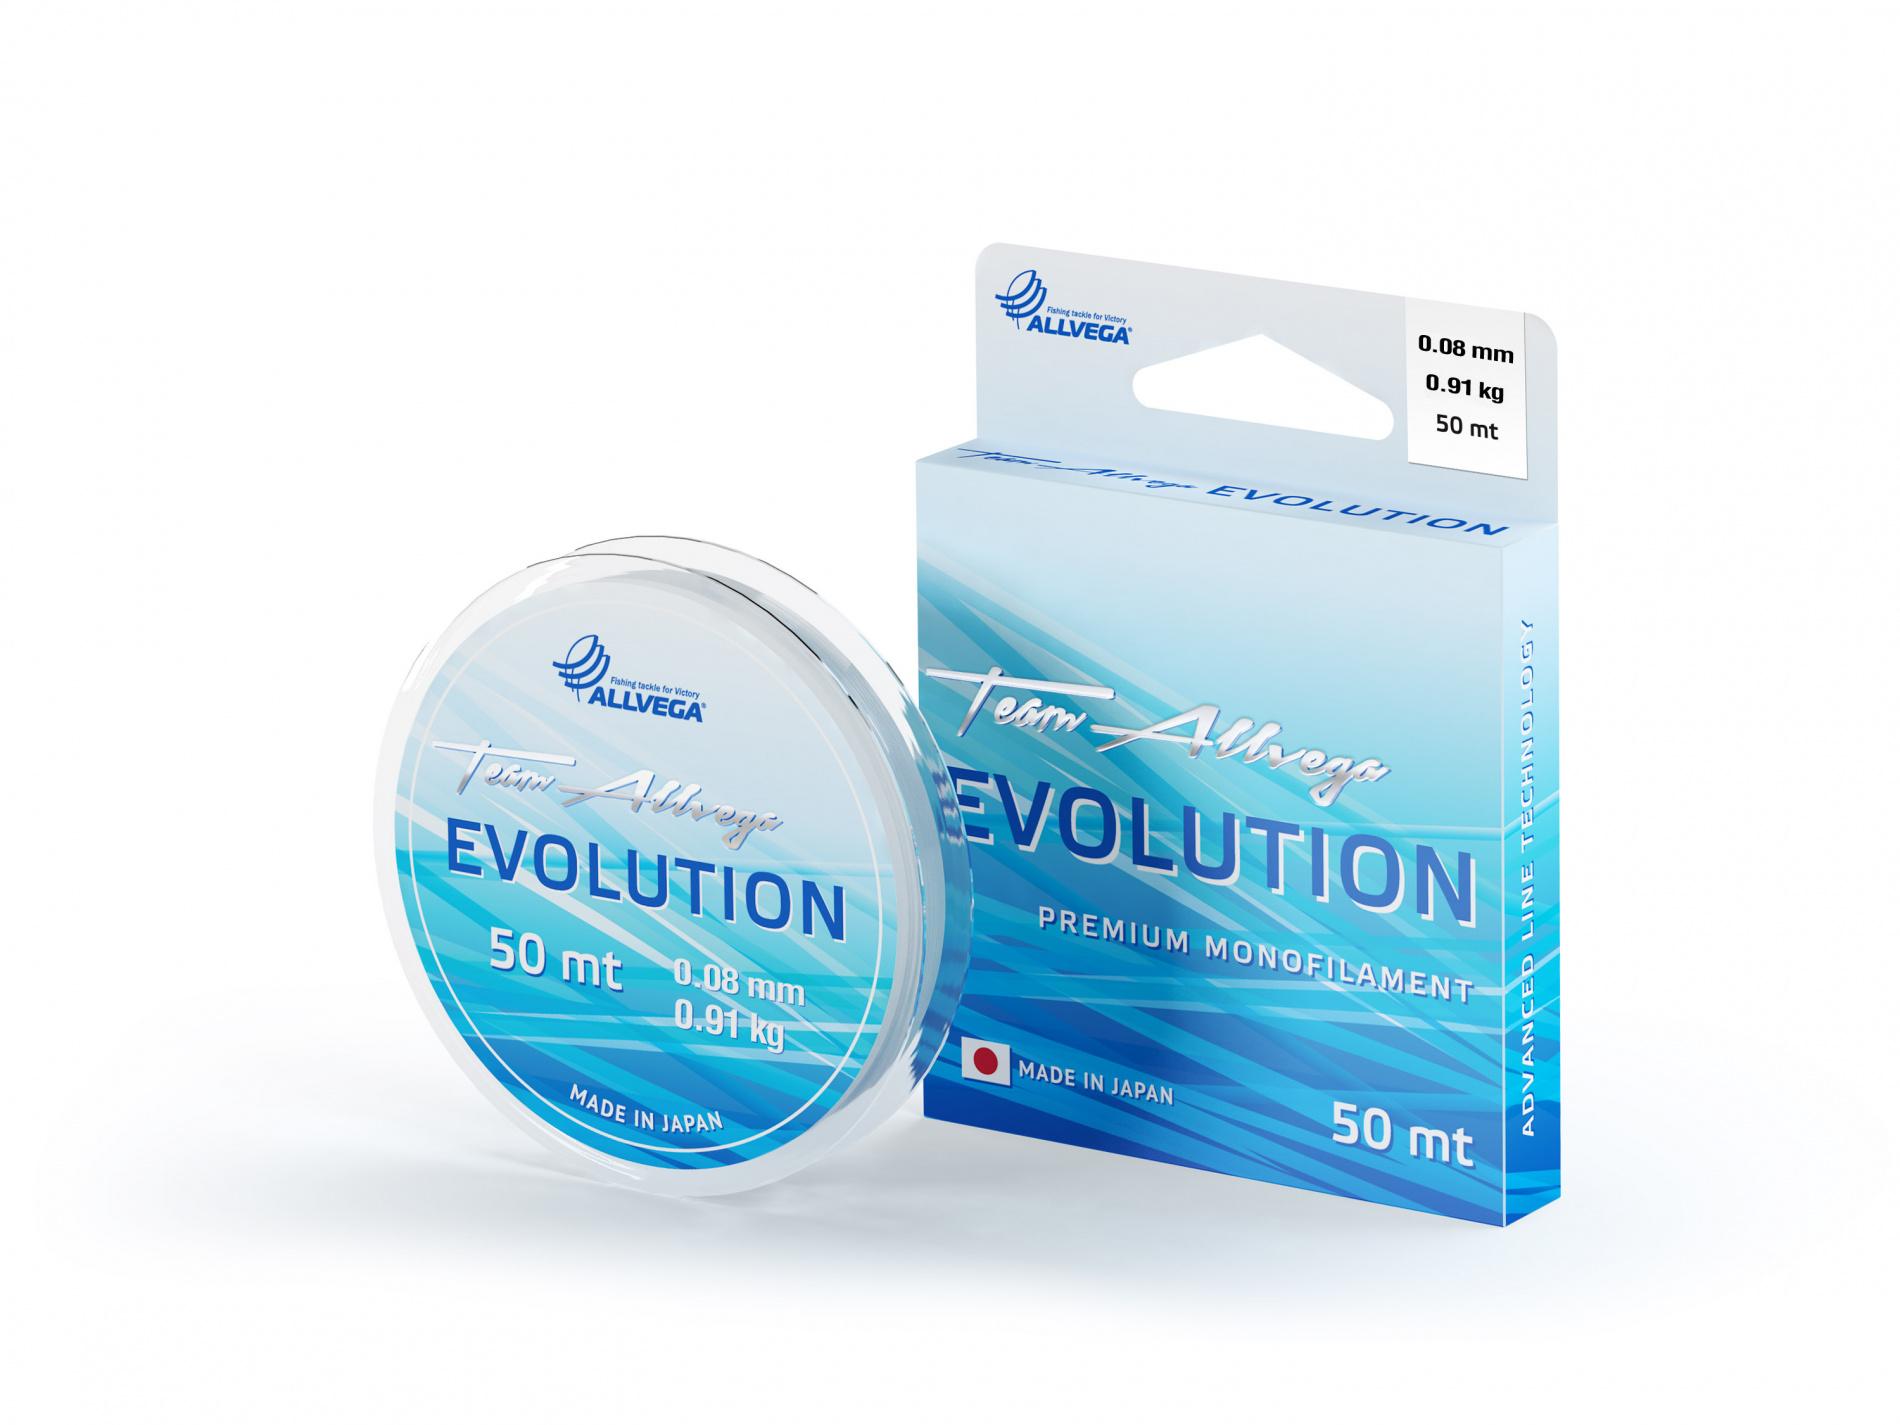 Леска ALLVEGA Evolution 0,08мм (50м) (0,91кг) (прозрачная)Леска монофильная<br>Леска EVOLUTION - это результат интеграции многолетнего <br>опыта европейских рыболовов-спортсменов <br>и современных японских технологий! Важнейшим <br>свойством лески является её однородность <br>и соответствие заявленному диаметру. Если <br>появляется неравномерность в калибровке <br>лески и искажается идеальная окружность <br>в сечении, это ведет к потере однородности <br>лески и ослабляет её. В этом смысле, на сегодняшний <br>день леска EVOLUTION имеет наиболее однородную <br>структуру. Из множества вариантов мы выбираем <br>новейшее и наиболее подходящее сырьё, чтобы <br>добиться исключительных характеристик <br>лески, выдержать оптимальный баланс между <br>прочностью и растяжимостью, и создать идеальный <br>продукт для любых условий ловли. Цвет прозрачный. <br>Сделана, размотана и упакована в Японии.<br><br>Сезон: лето